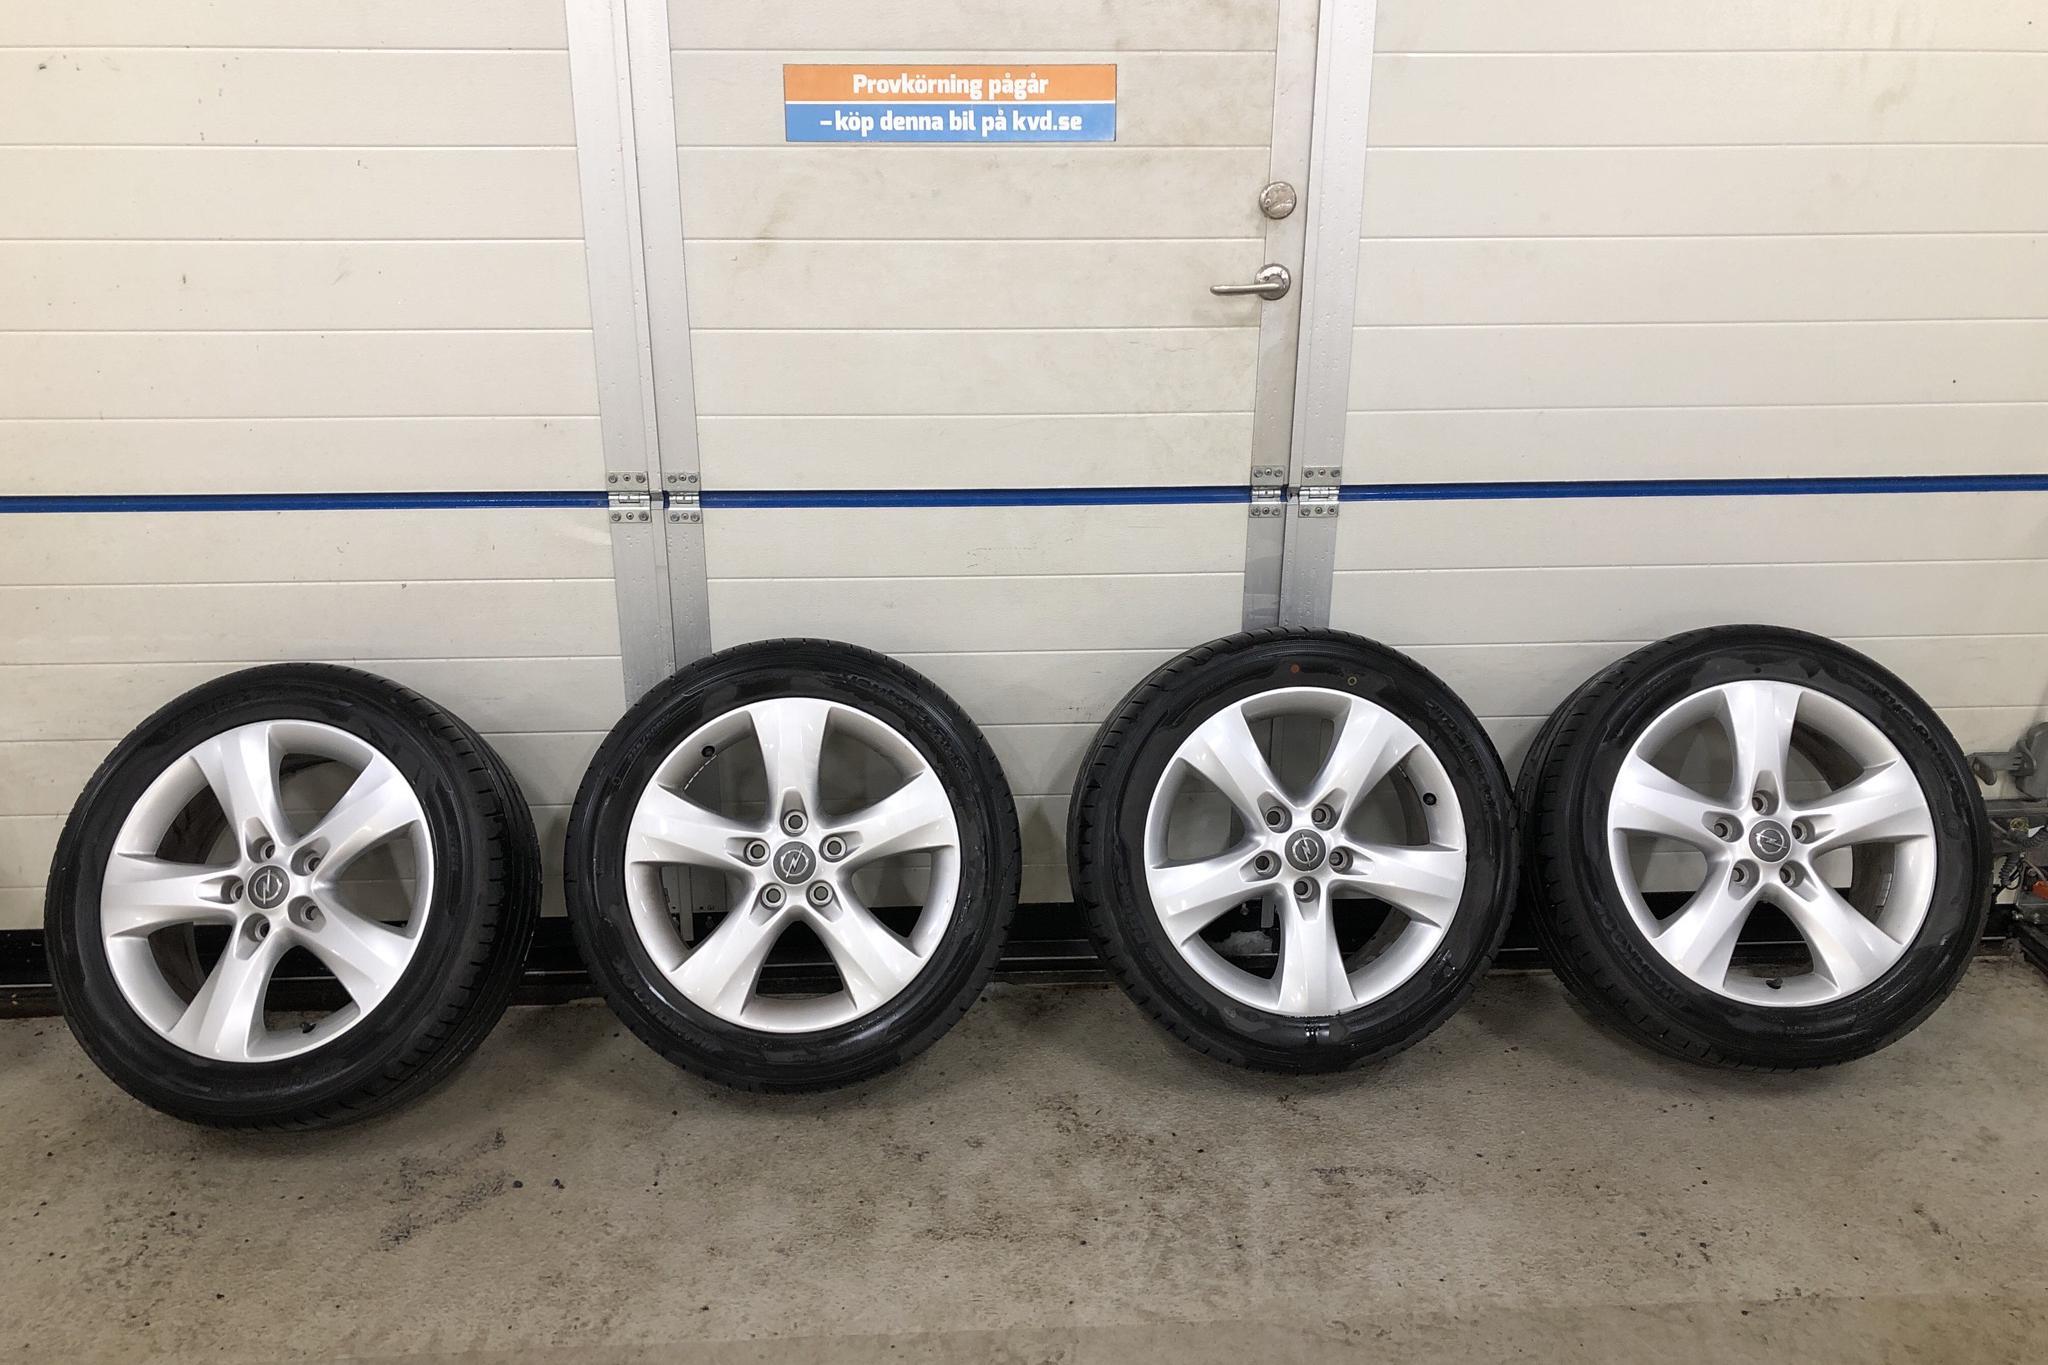 Opel Zafira Tourer 2.0 ECOTEC (165hk) - 15 021 mil - Manuell - vit - 2014